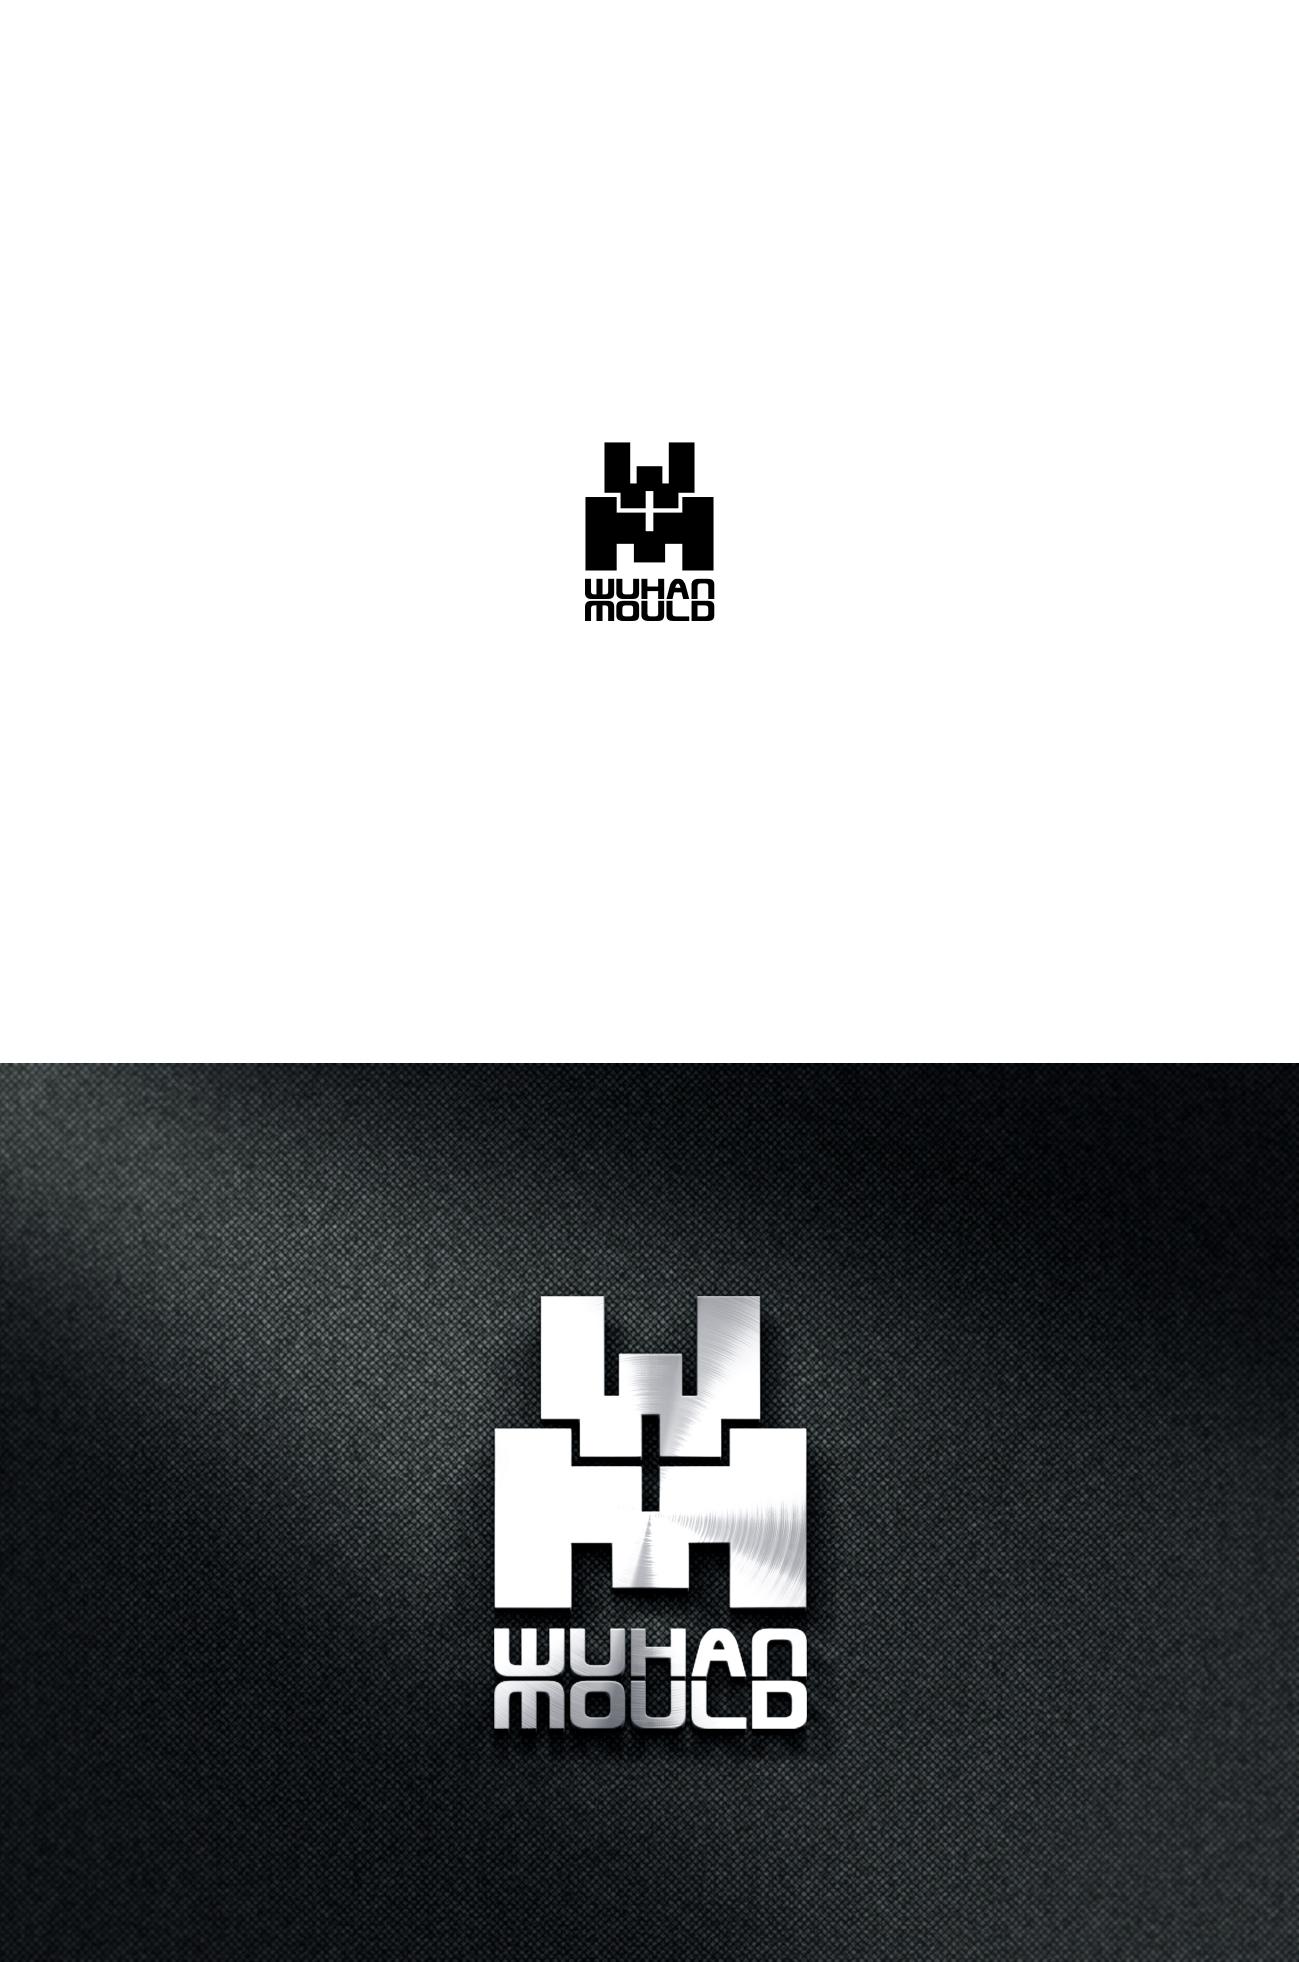 Создать логотип для фабрики пресс-форм фото f_4995998d0a546a4b.png